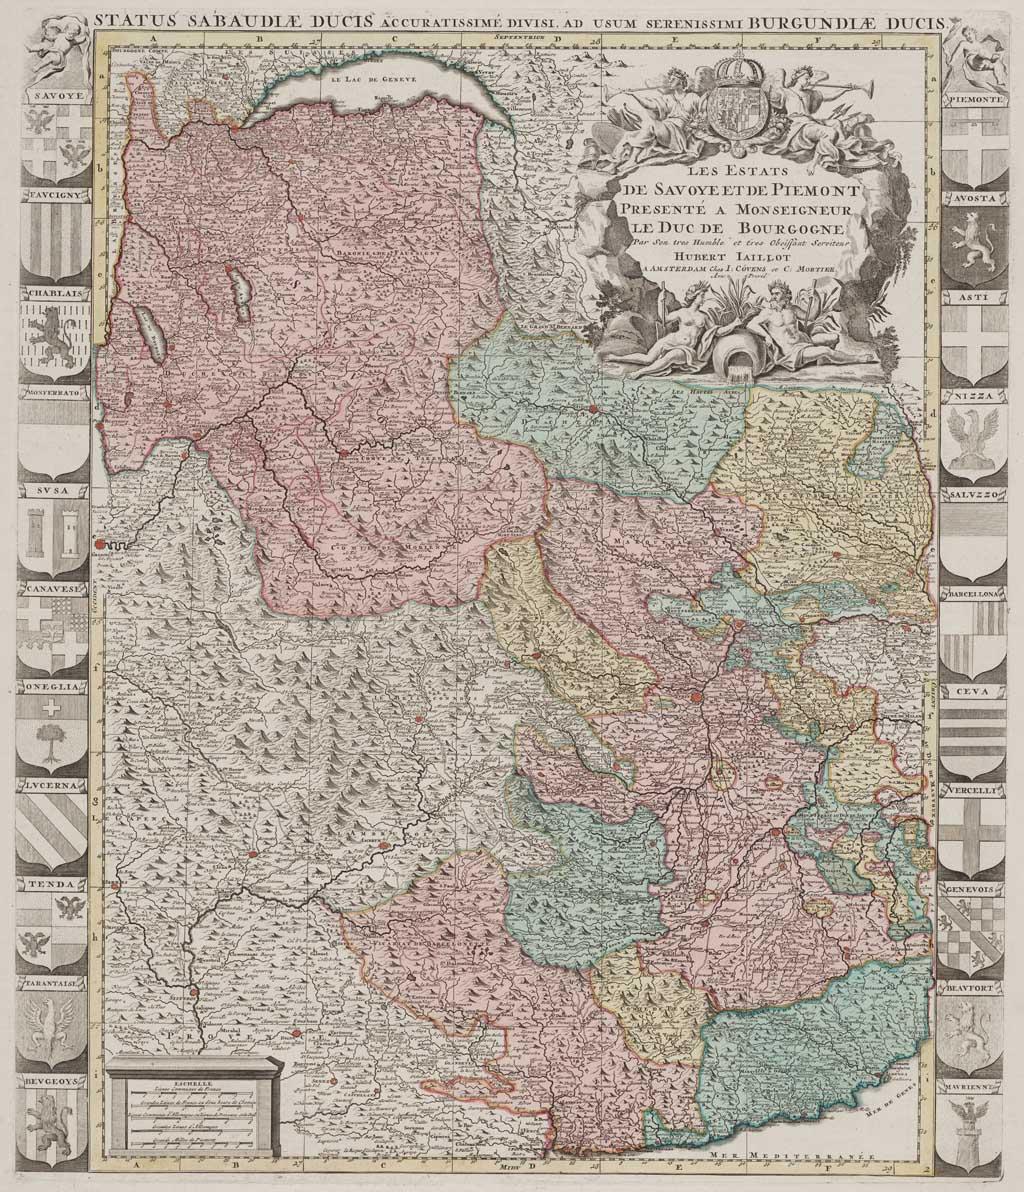 Les estats de Savoye et de Piemont presenté a monseigneur le duc de Bourgogne